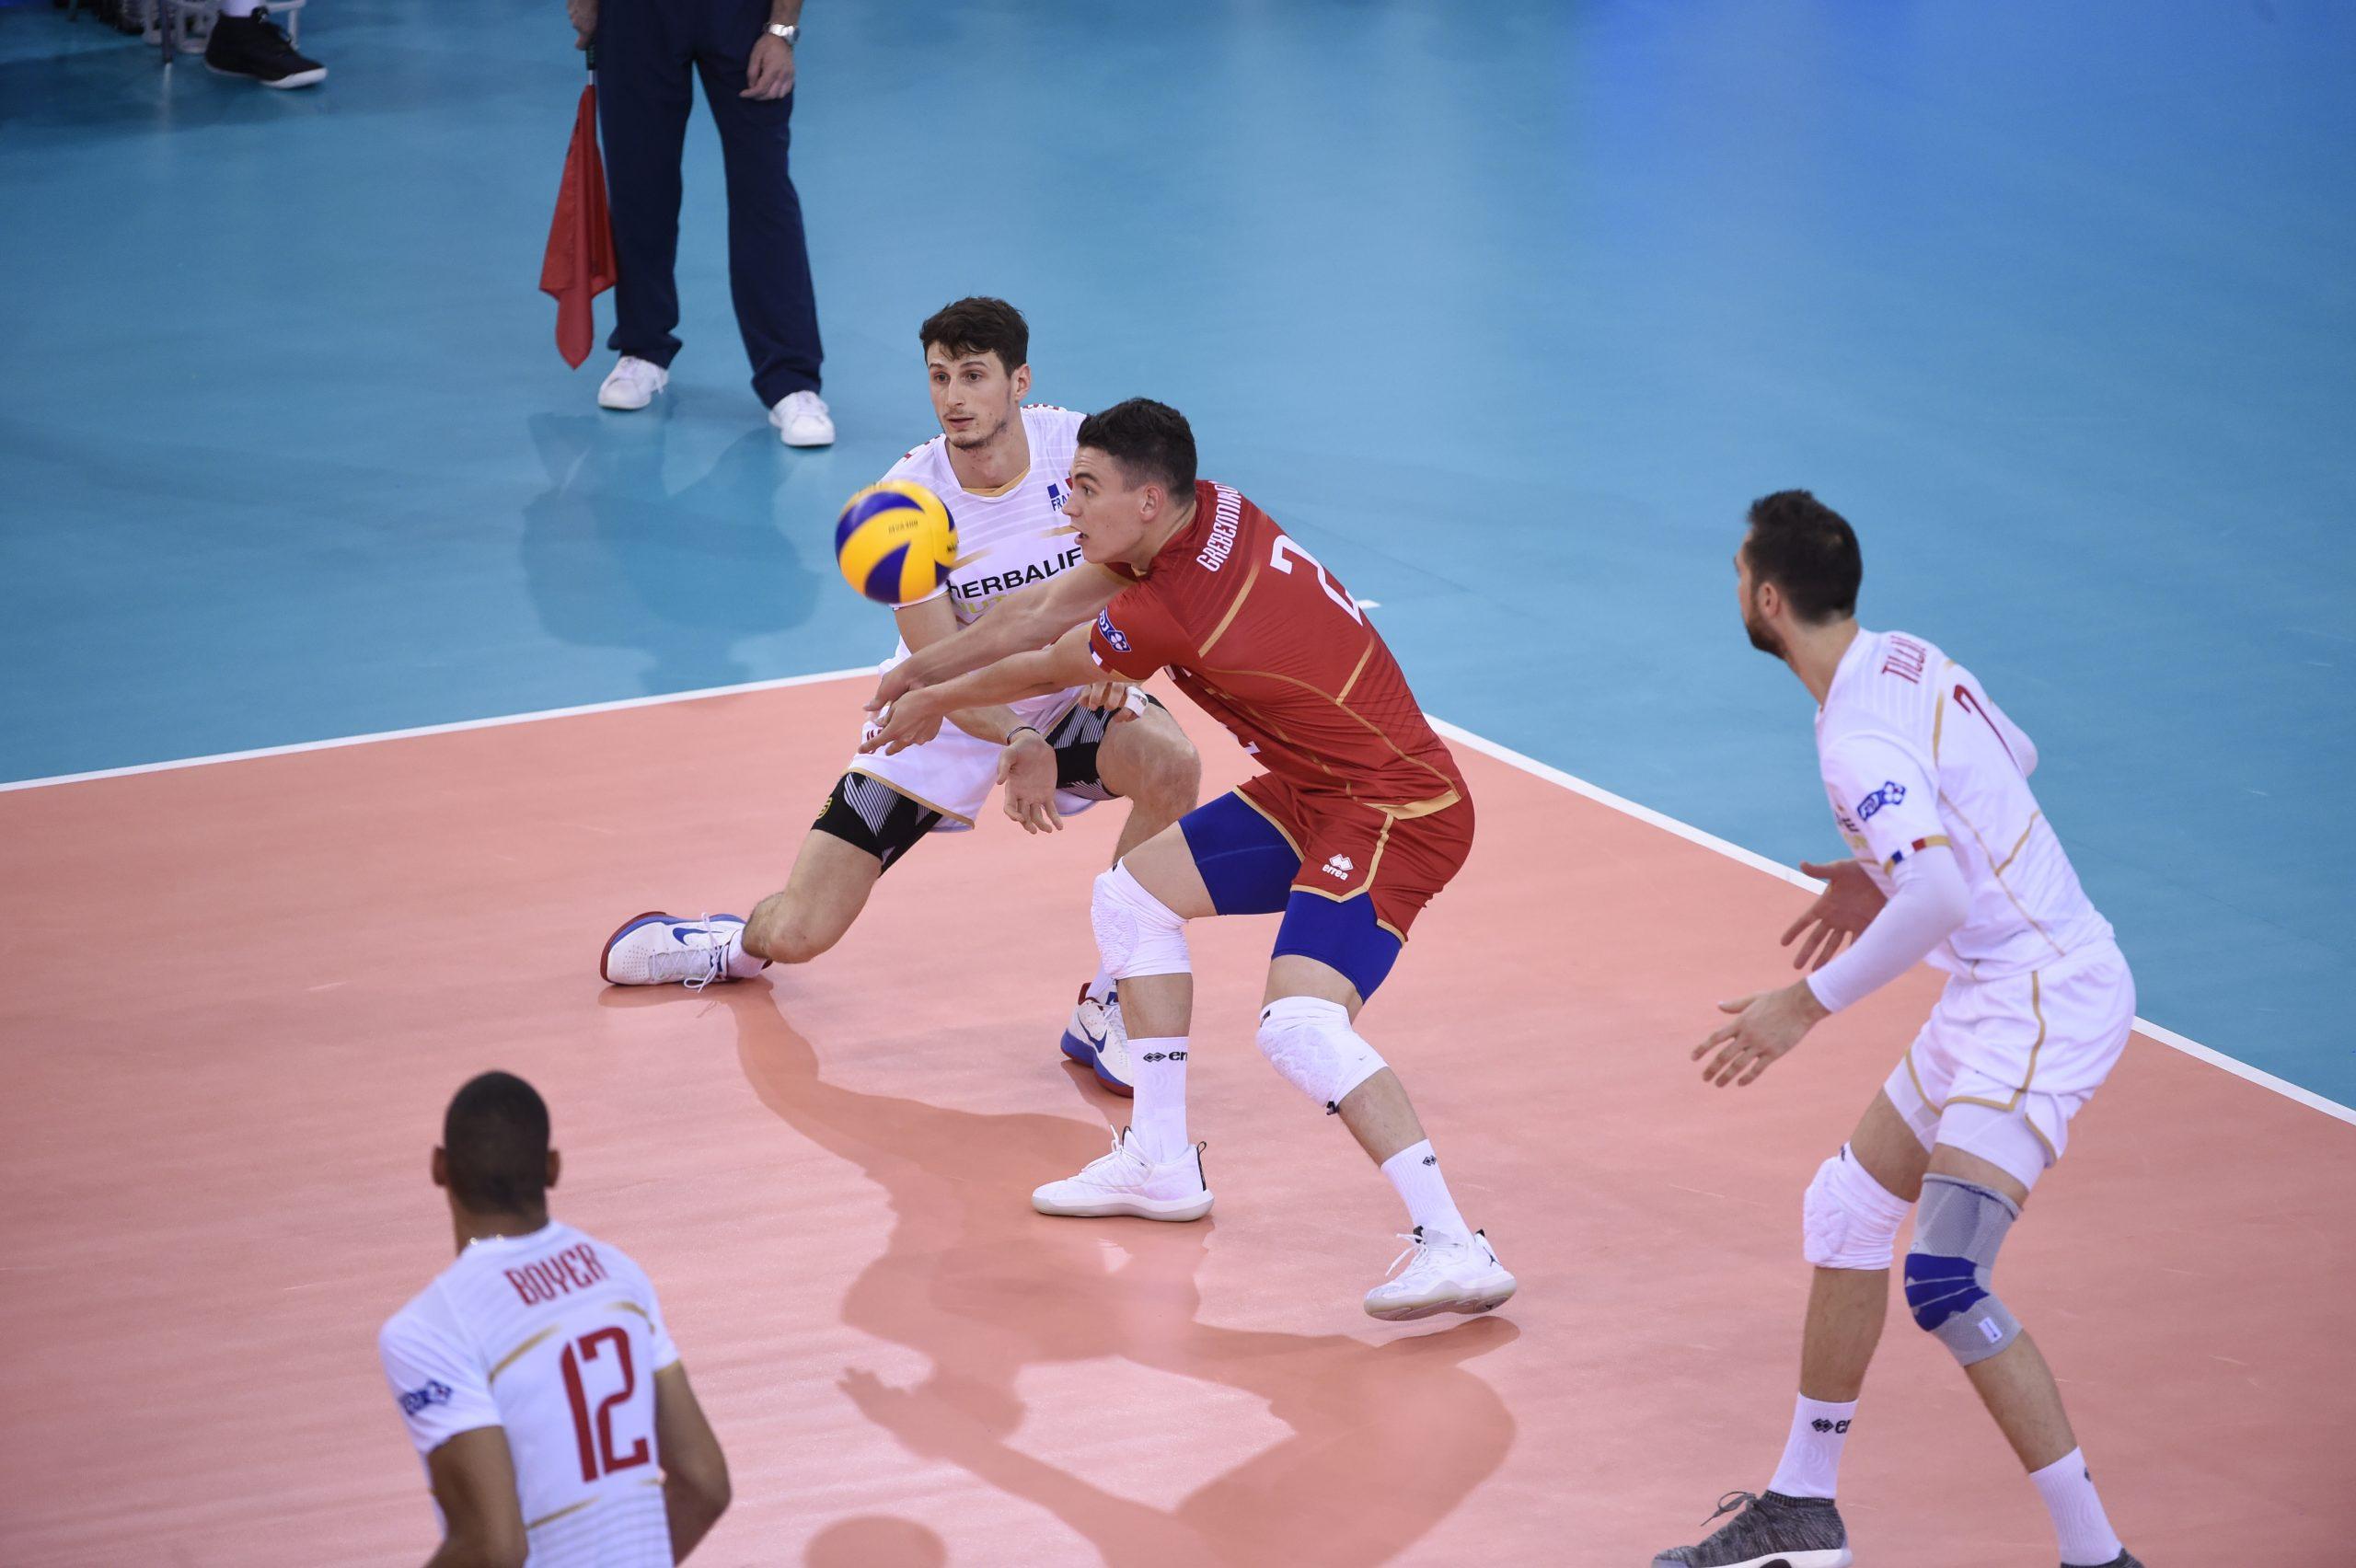 Volley : Les Bleus vont-ils remporter une médaille ?